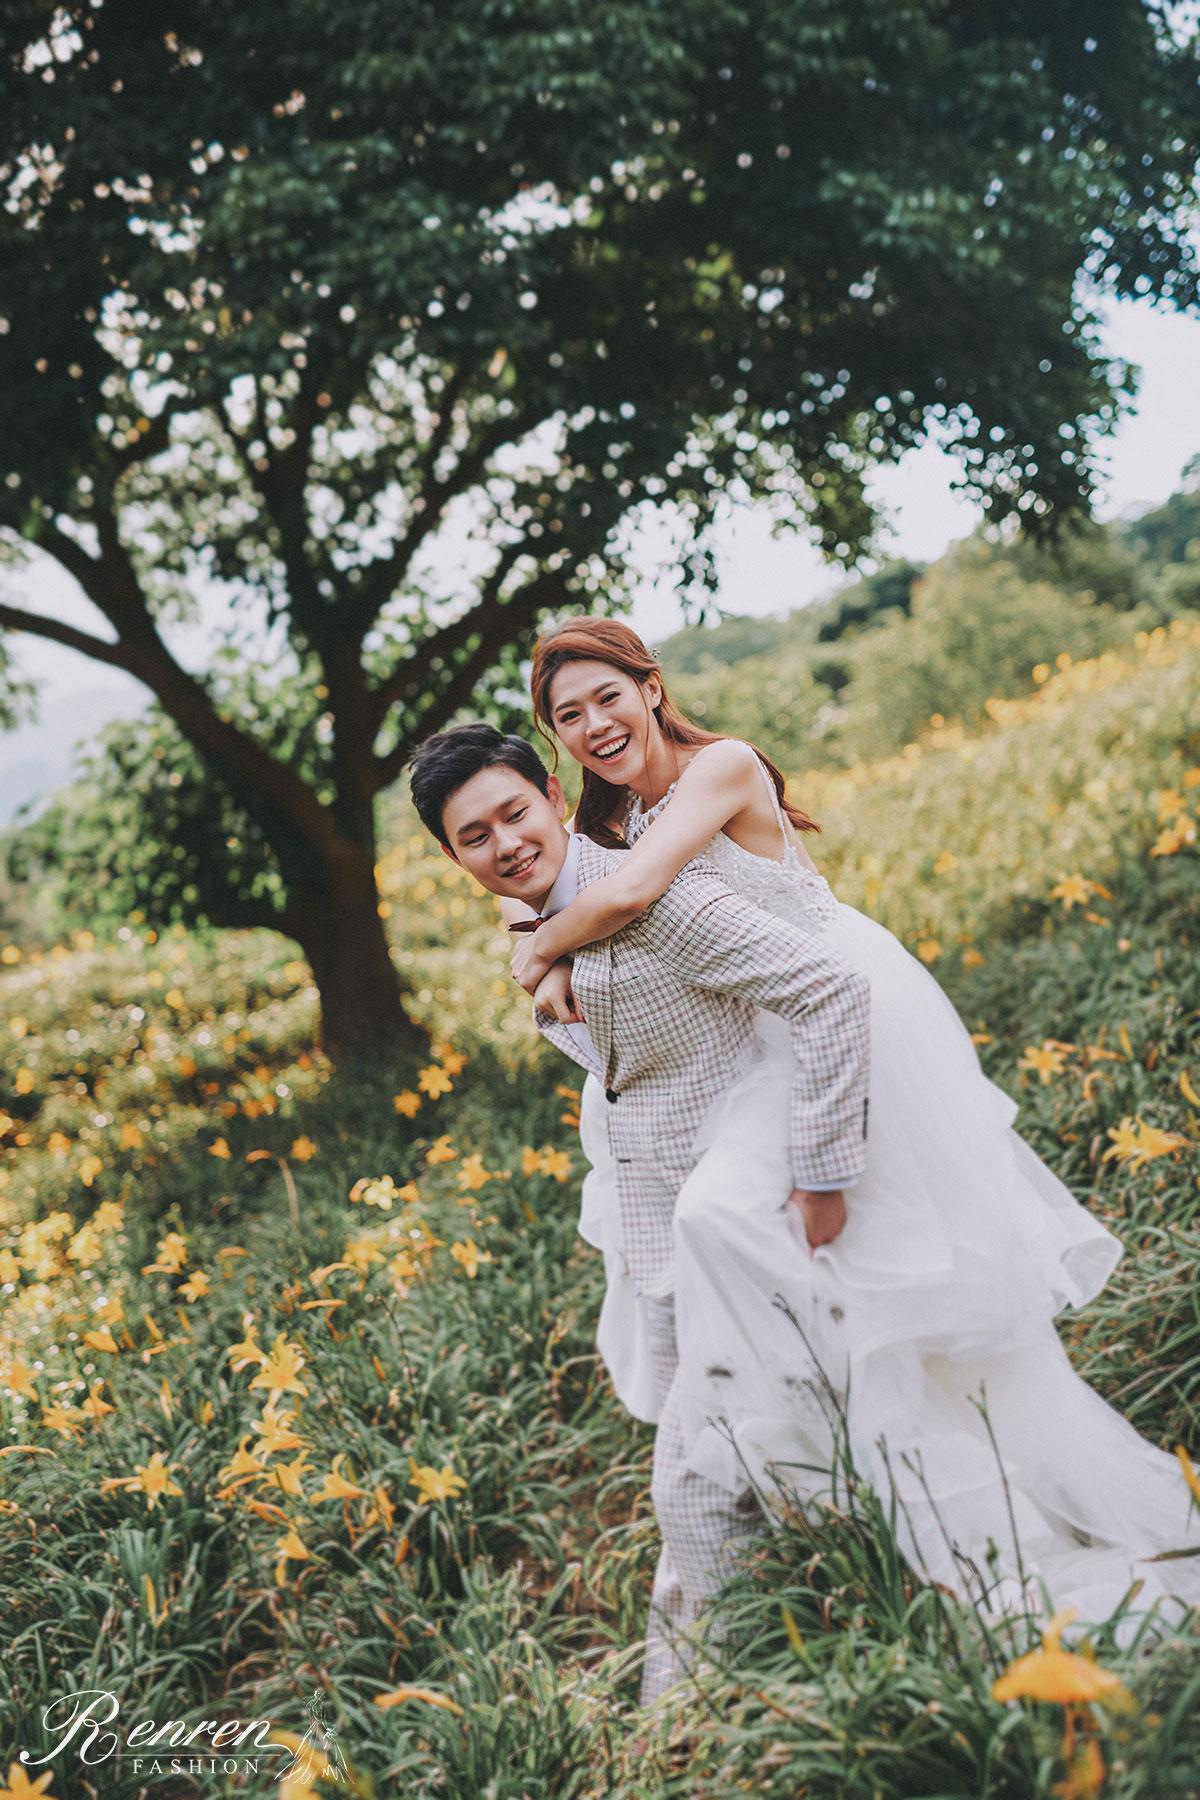 沐心泉-金針花海-簡約 美式婚紗-台中-婚紗景點